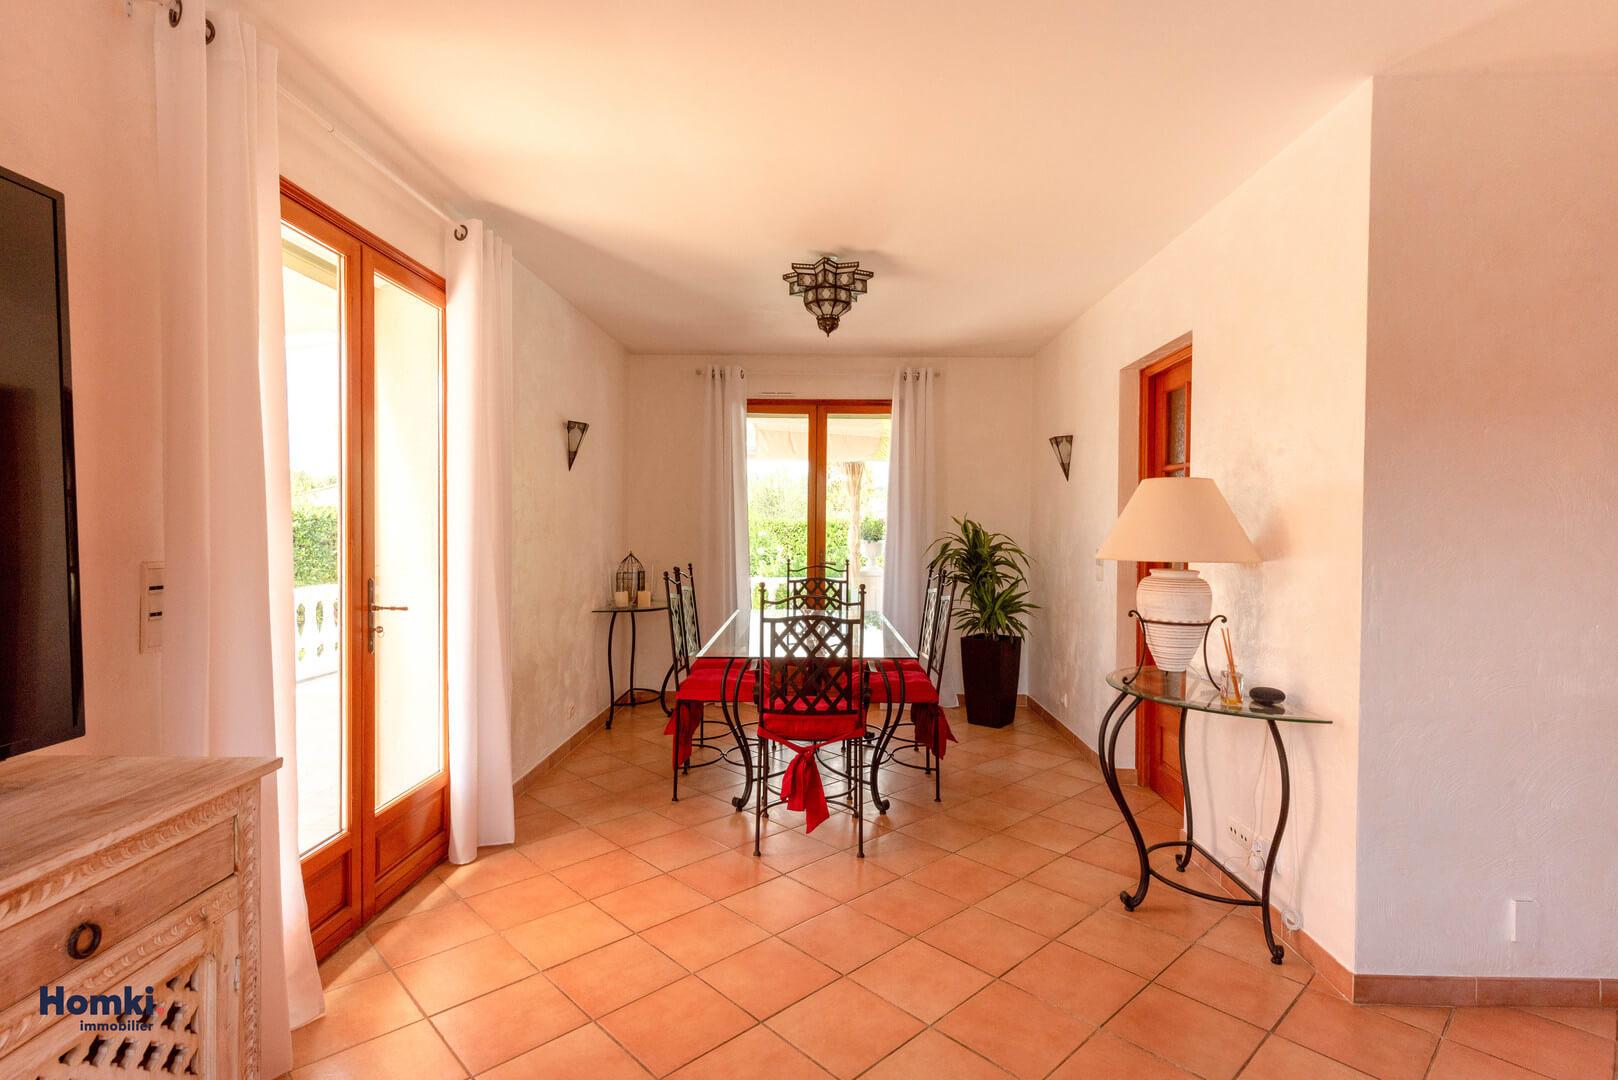 Vente Maison 169 m² T7 06410 Biot_5